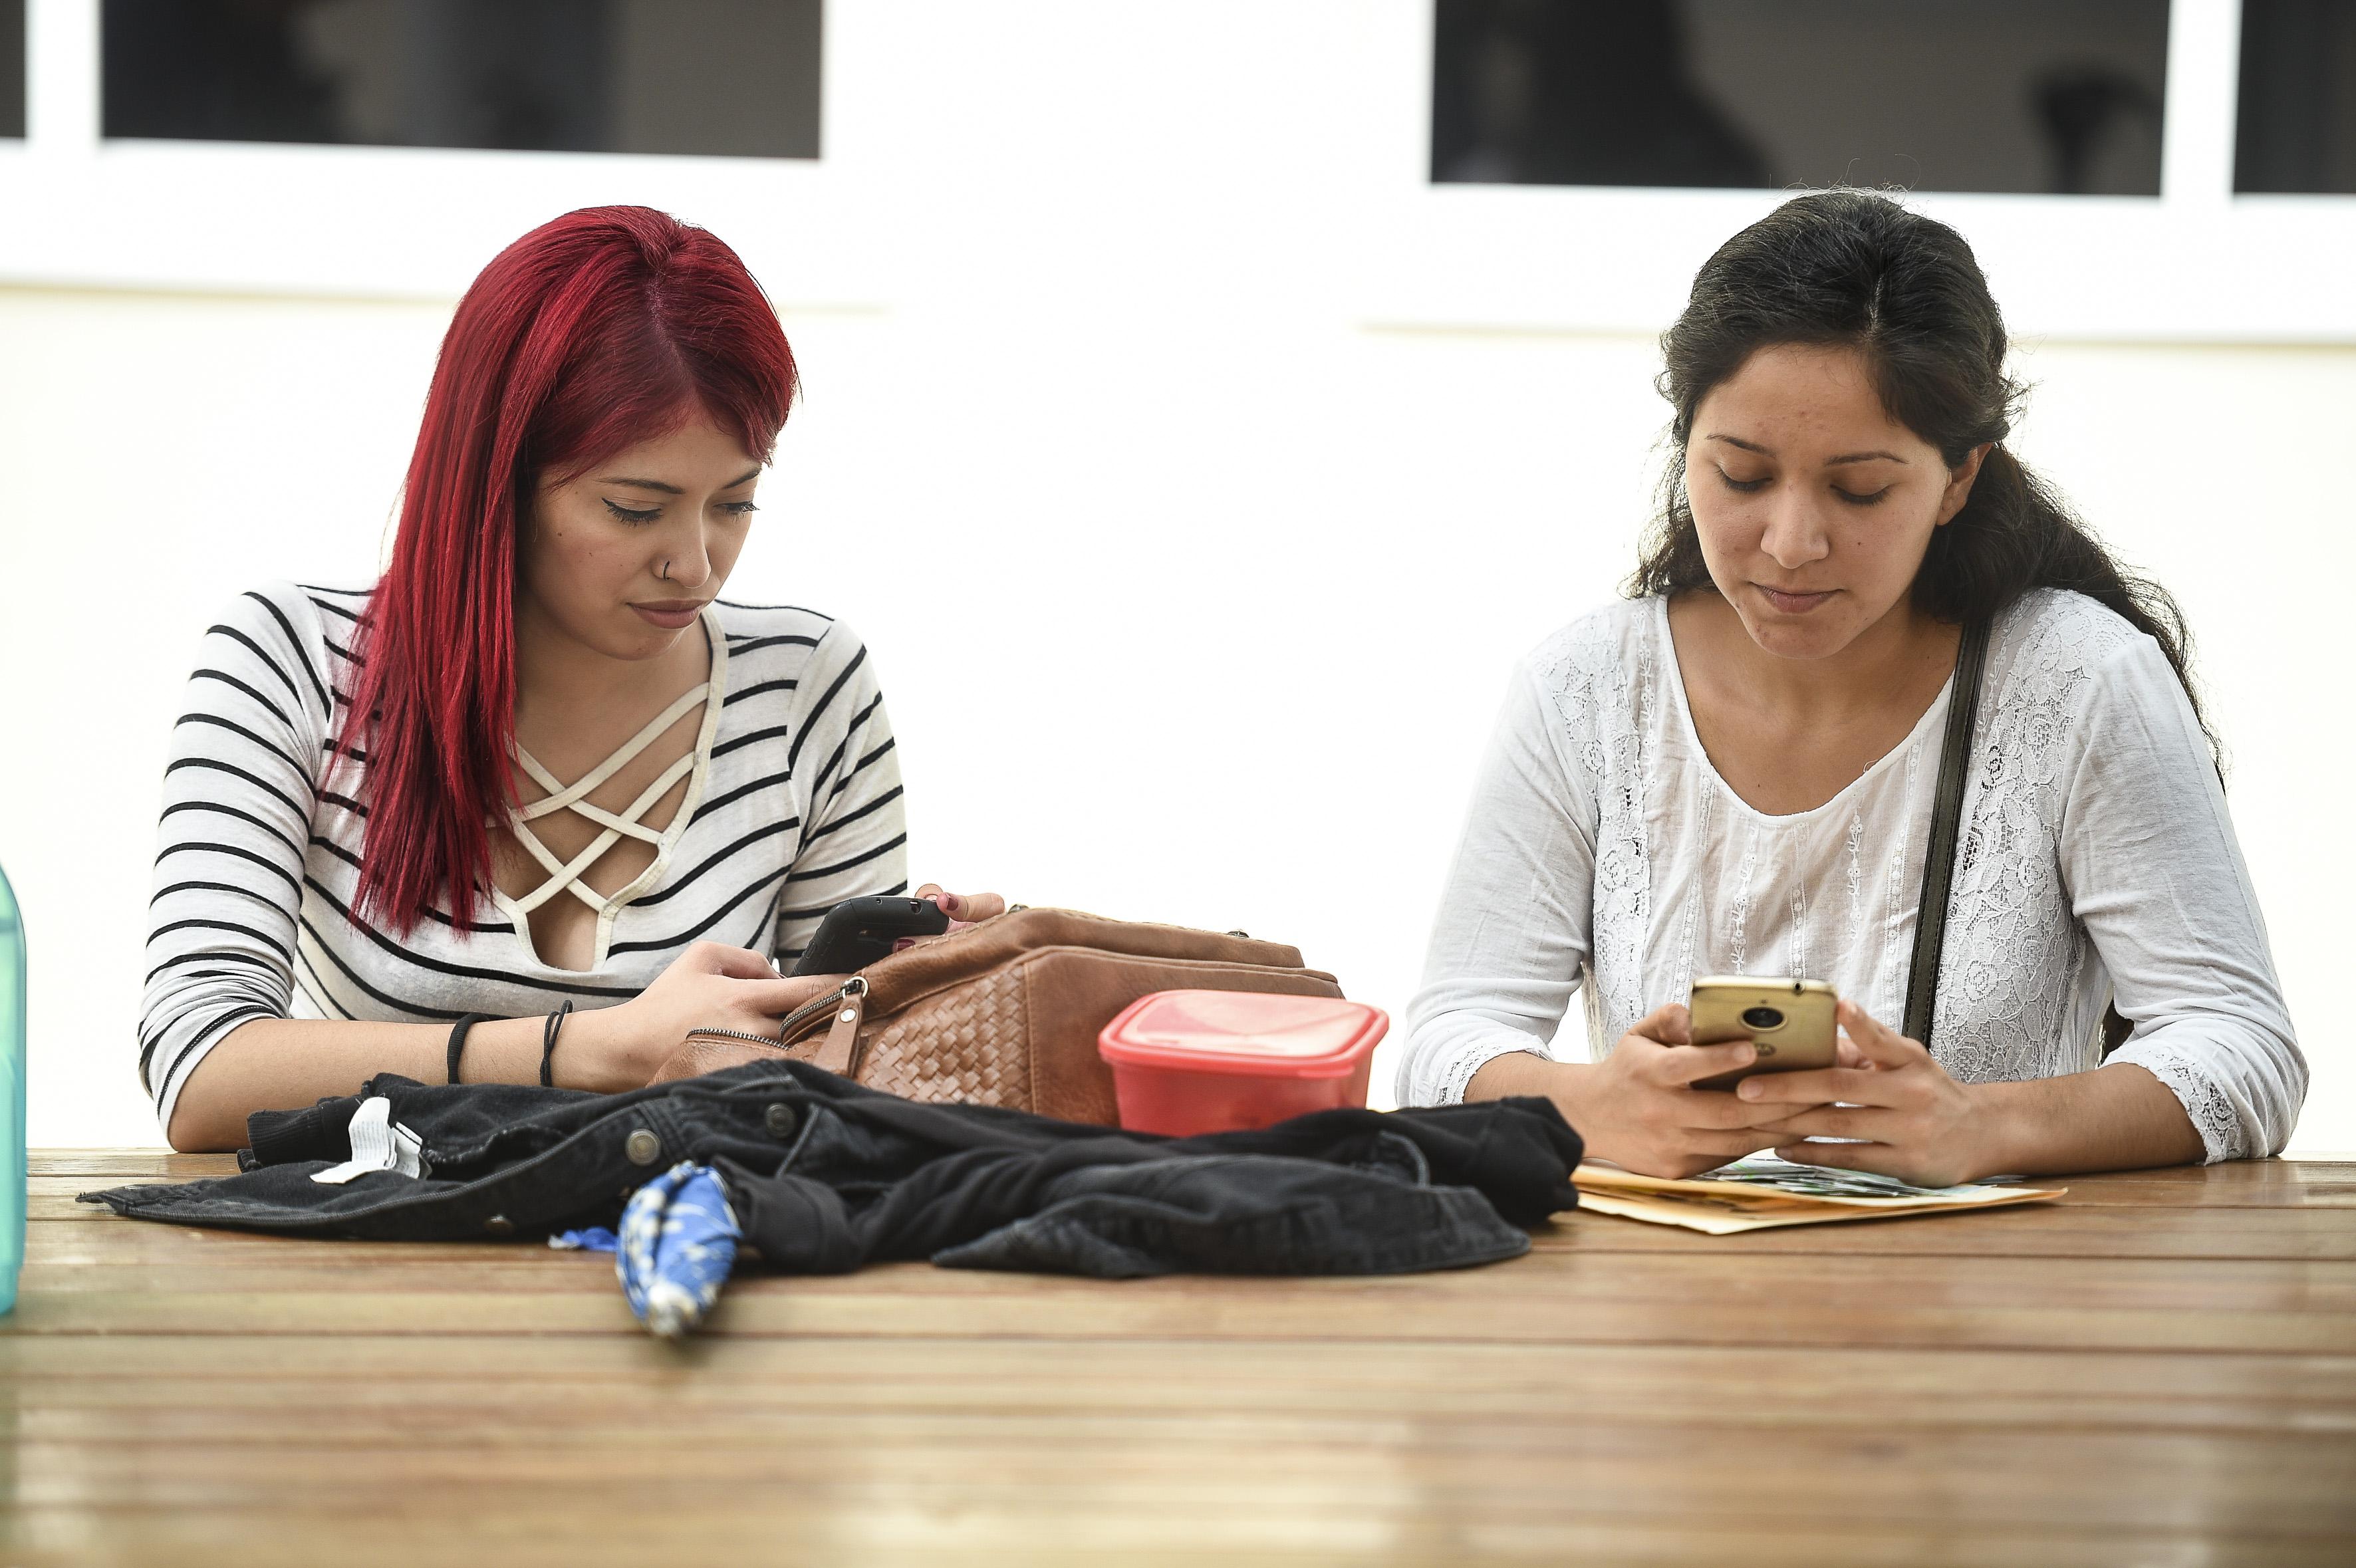 Alumnas del CUCS sentadas juntas usando el celular